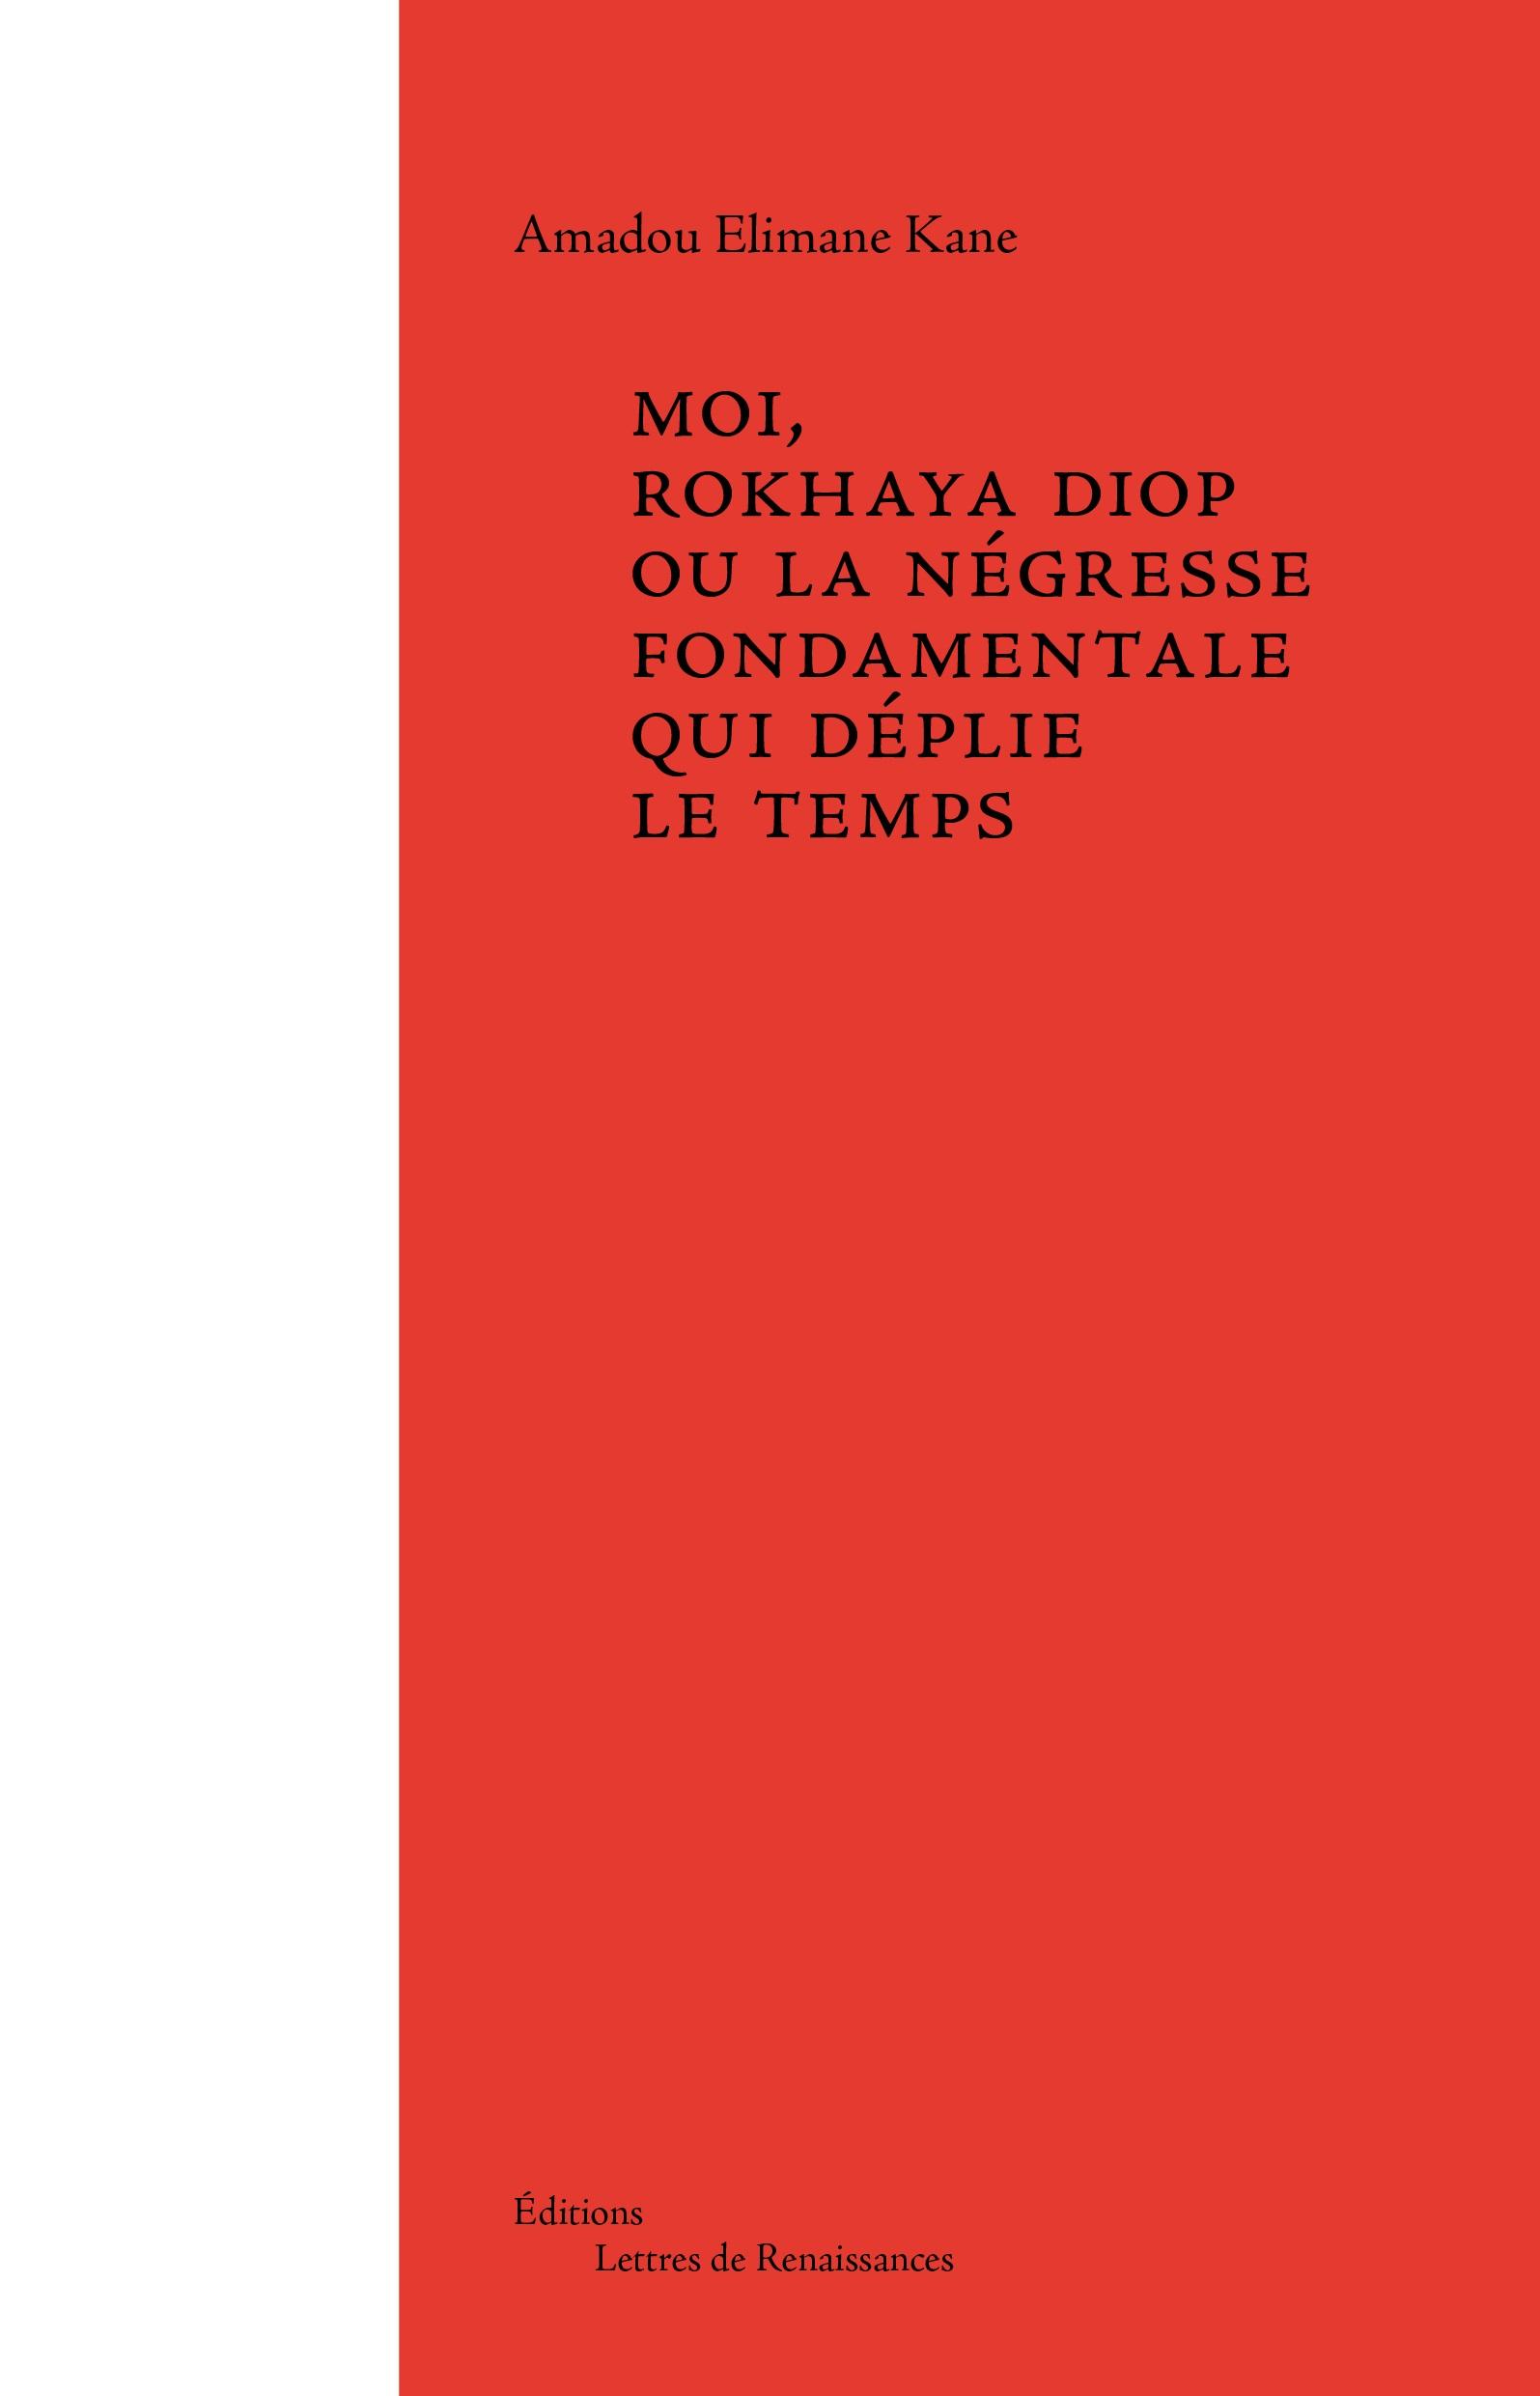 """Abdoulaye Elimane Kane publie un nouveau roman """"Moi, Rokhaya Diop ou la négresse fondamentale qui déplie le temps"""""""